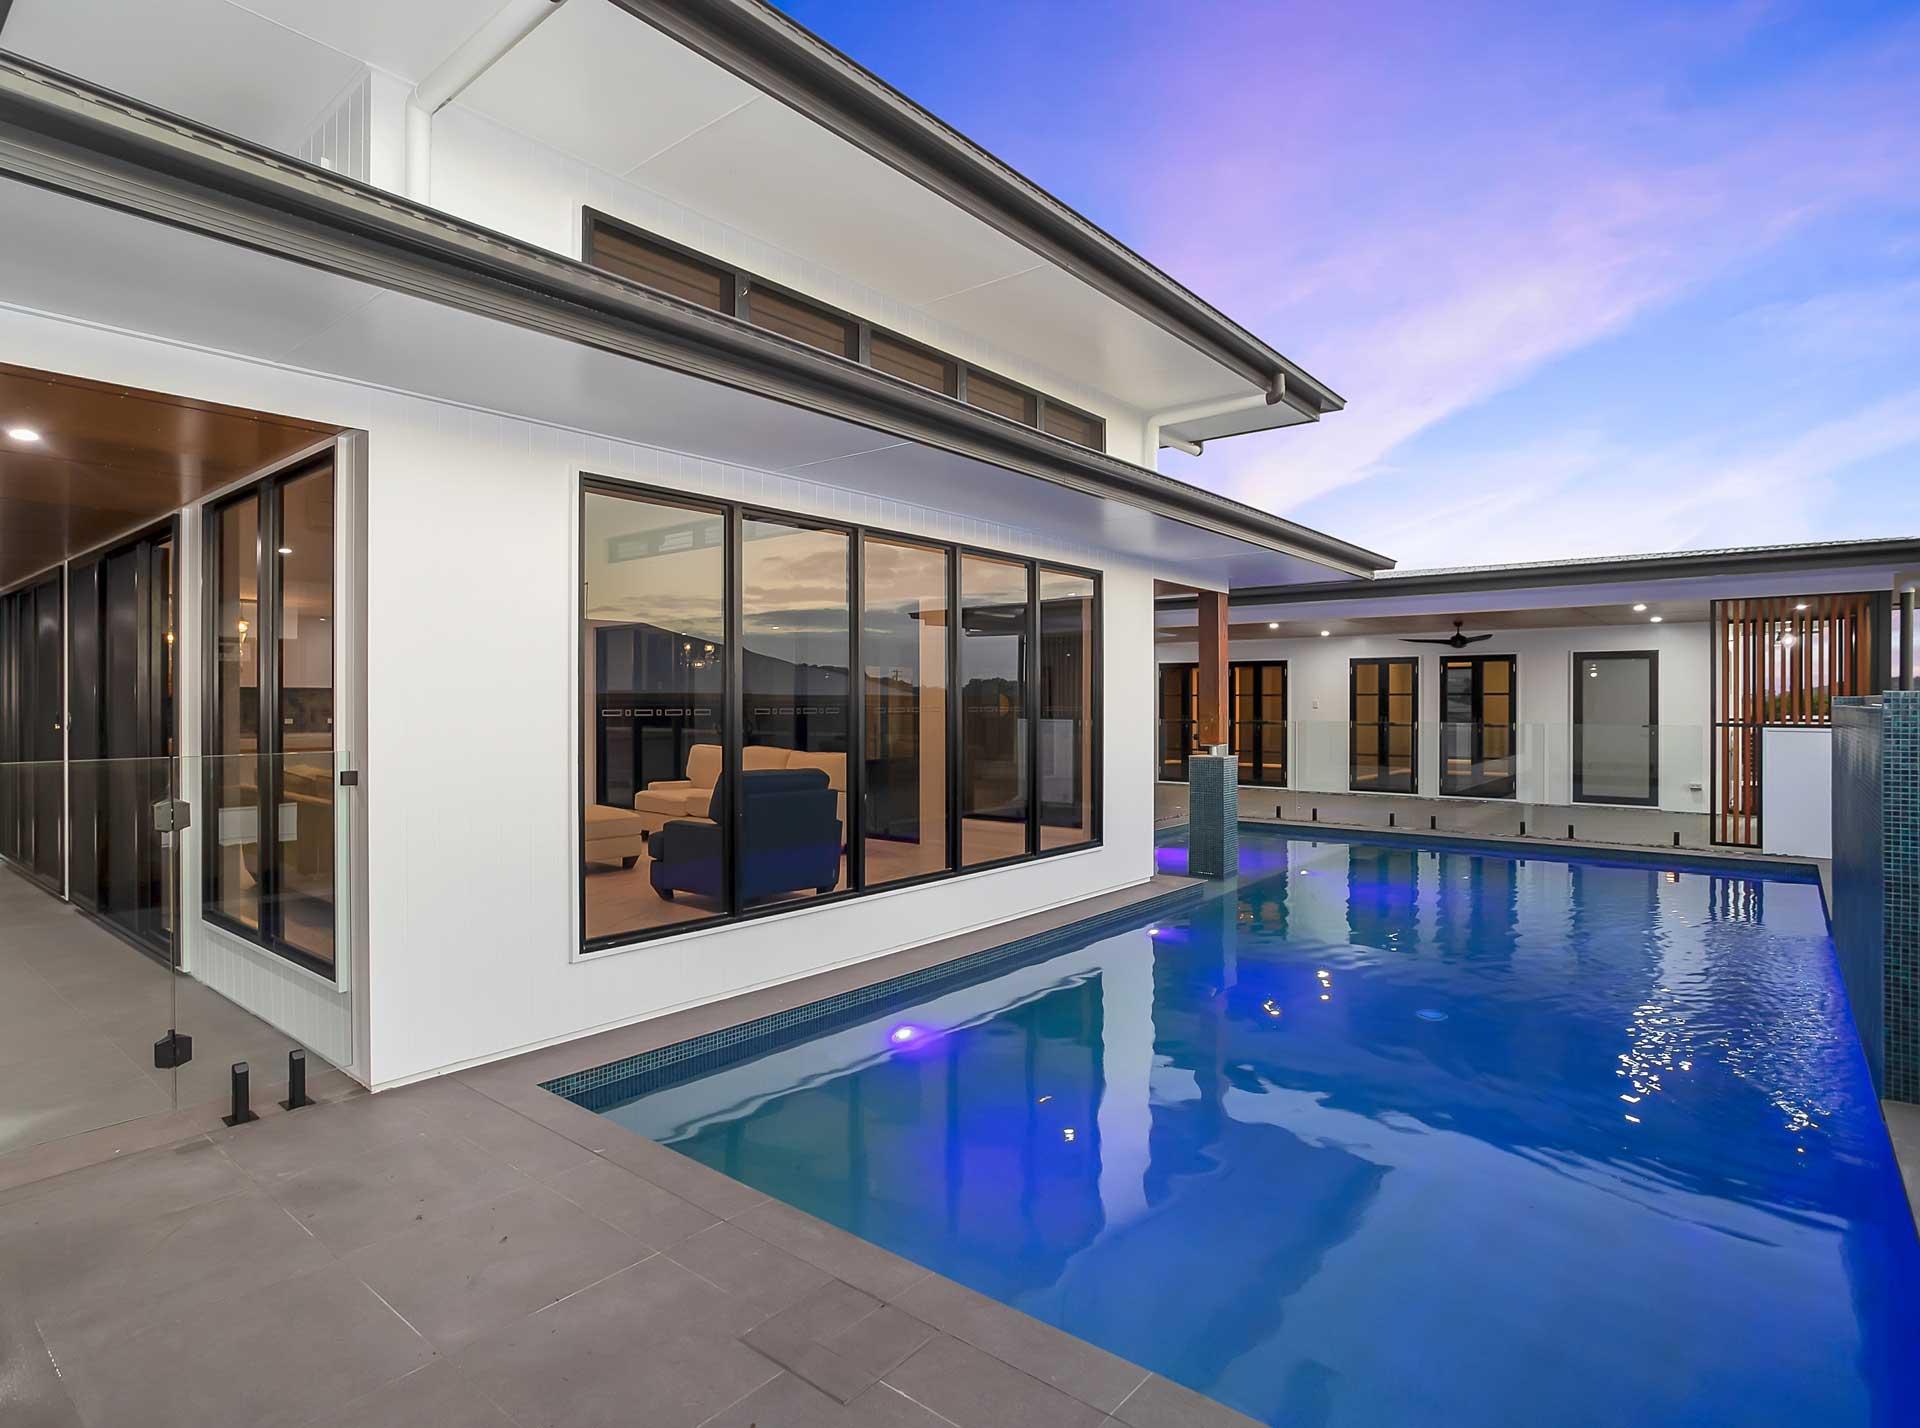 Logan pool